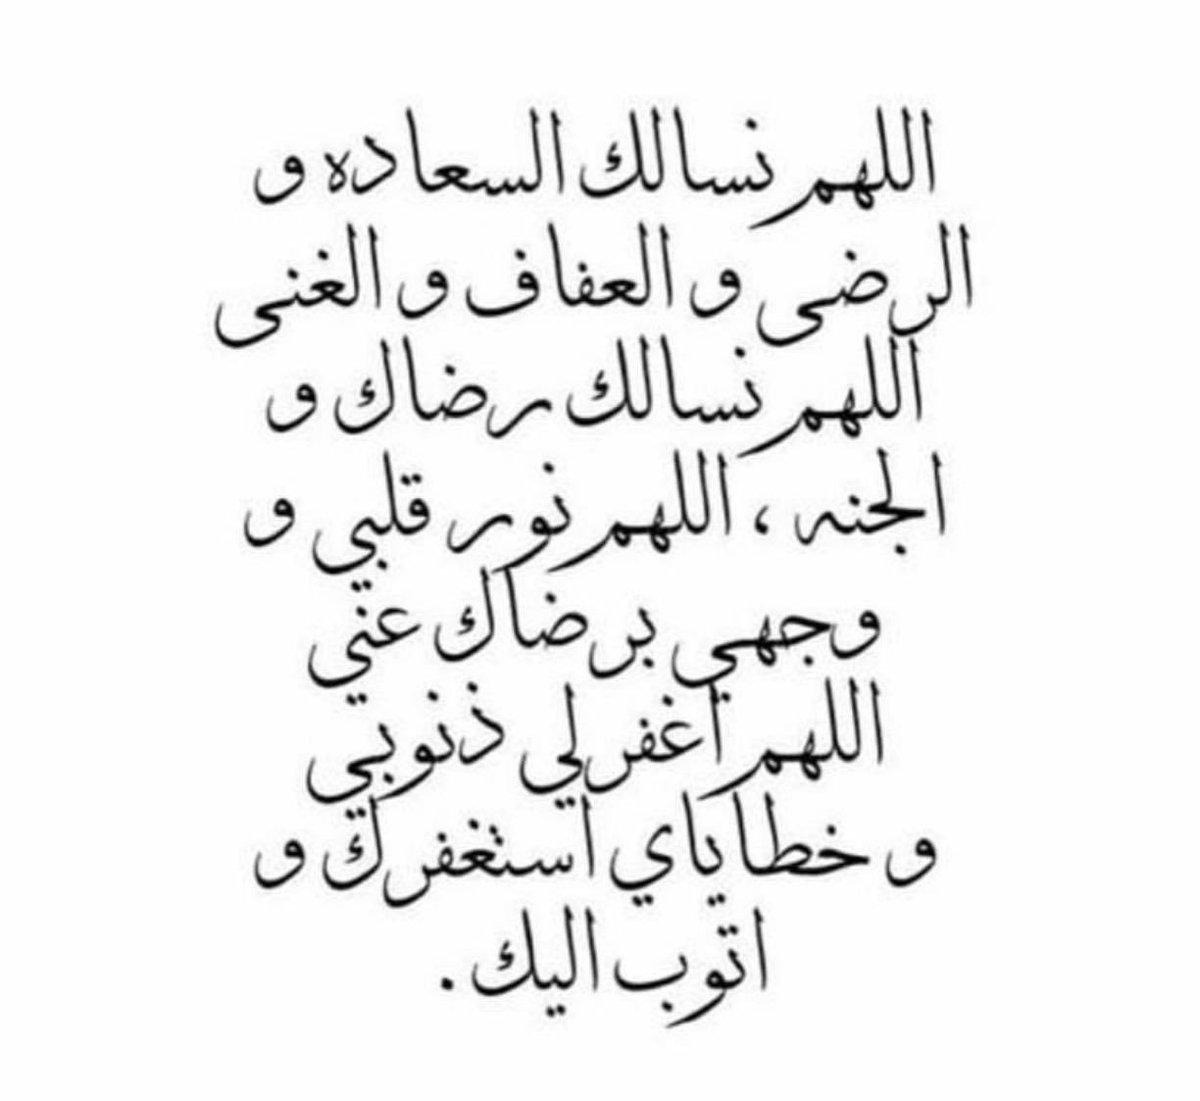 كلمات صباحيه تويتر صباح الخير في التويتر افخم فخمه